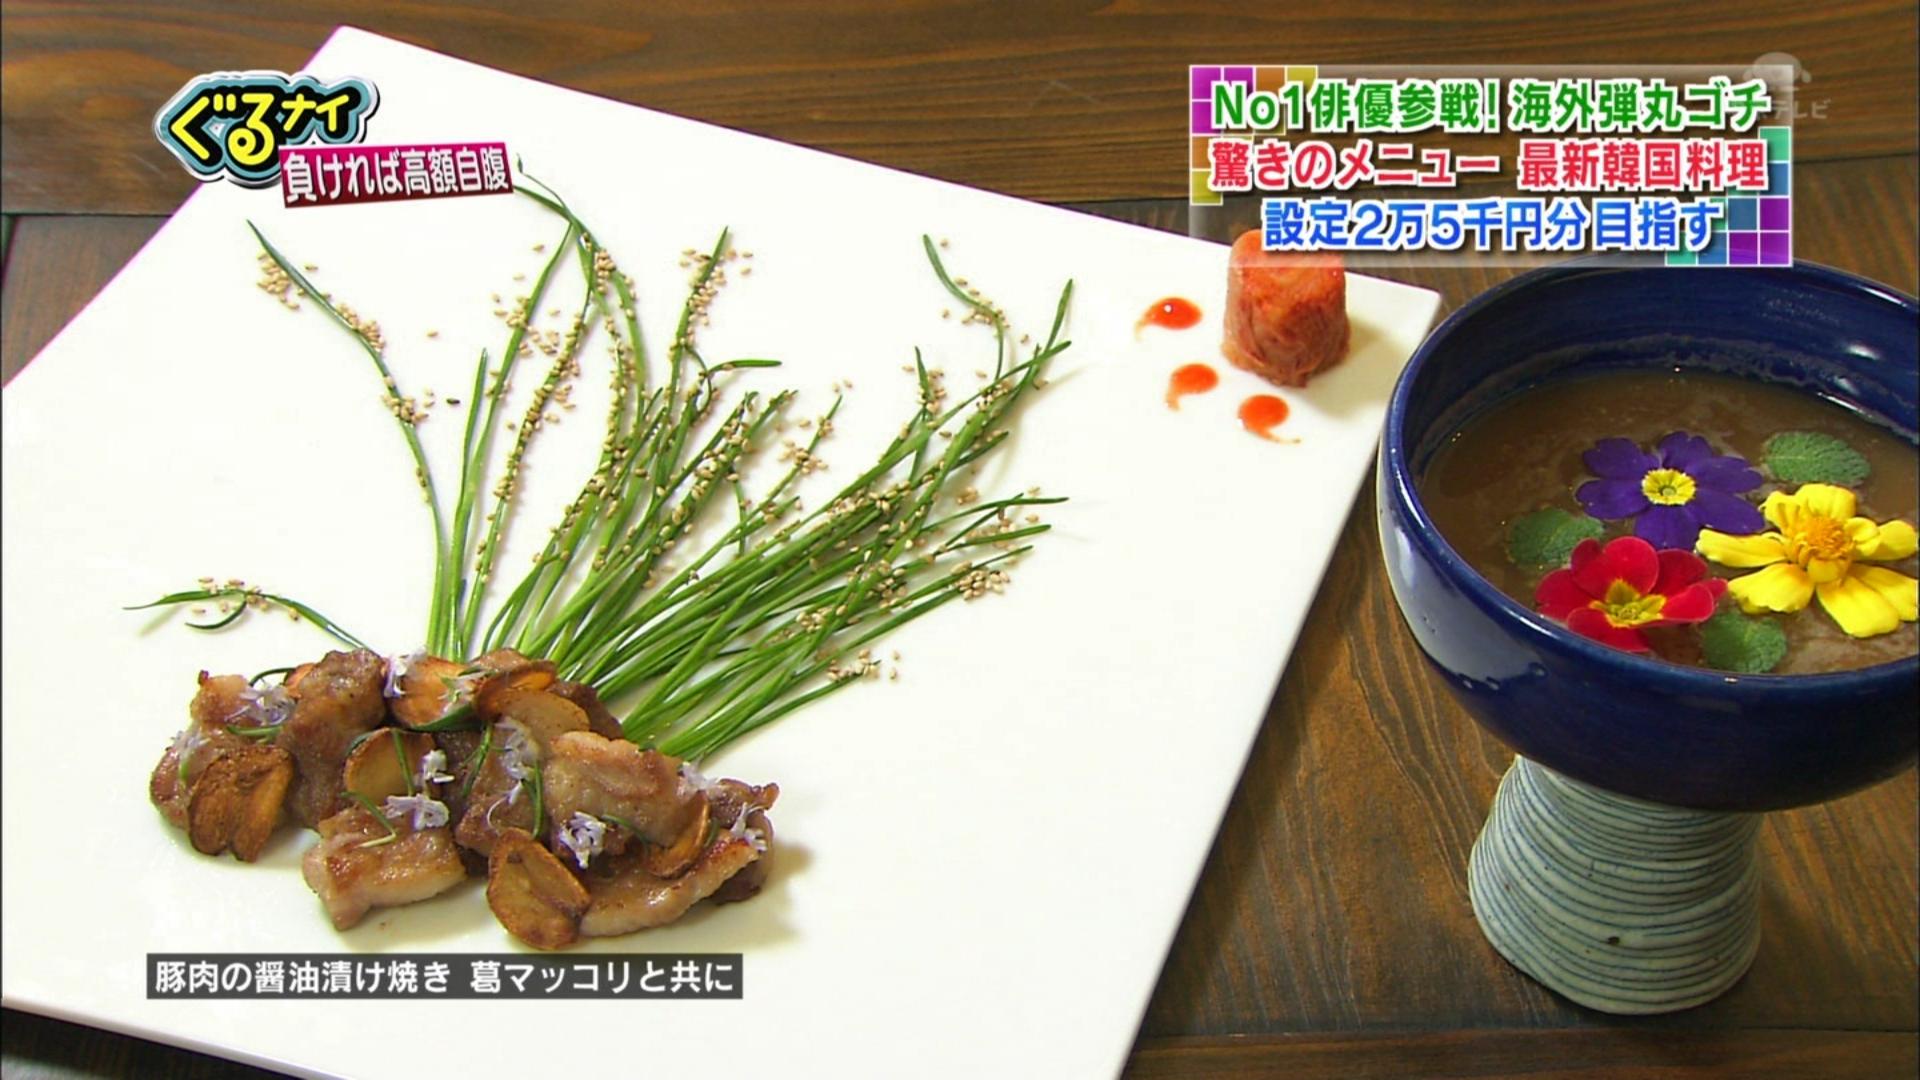 日本テレビ「ぐるナイ」で出てきた韓国料理が酷す …